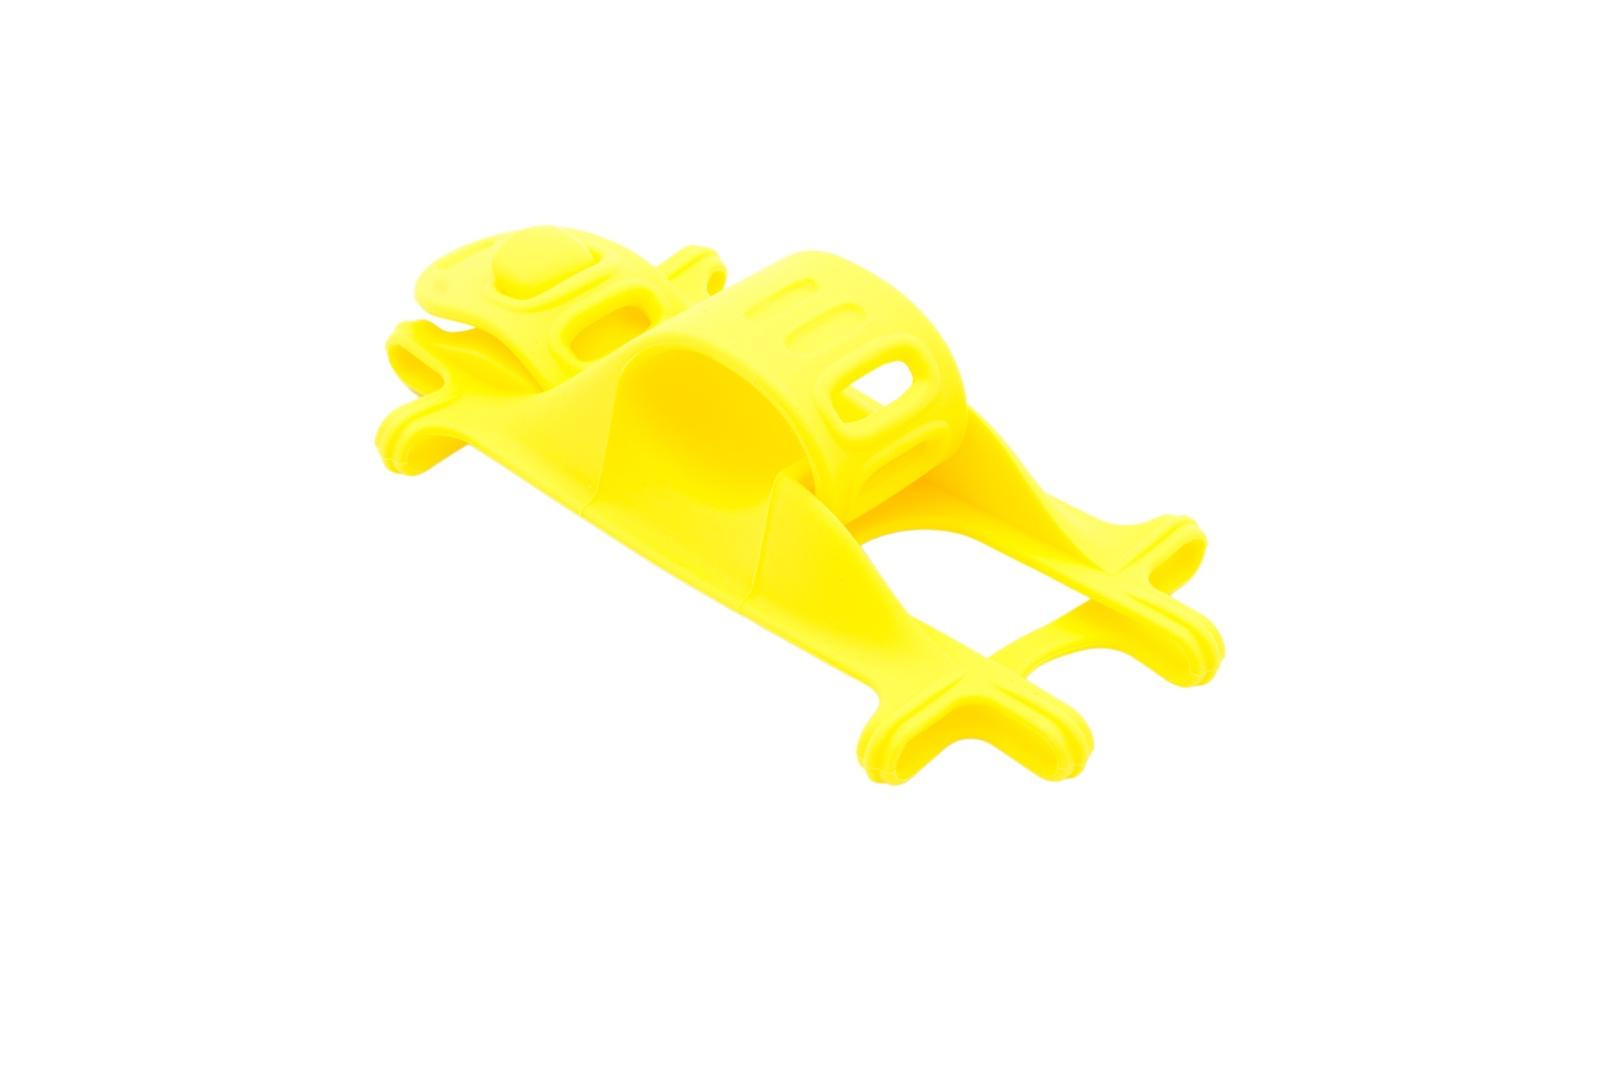 Кронштейн для крепления велосипеда Qumann Держатель QHB-01 велосипедный силиконовый универсальный жёлтый, желтый